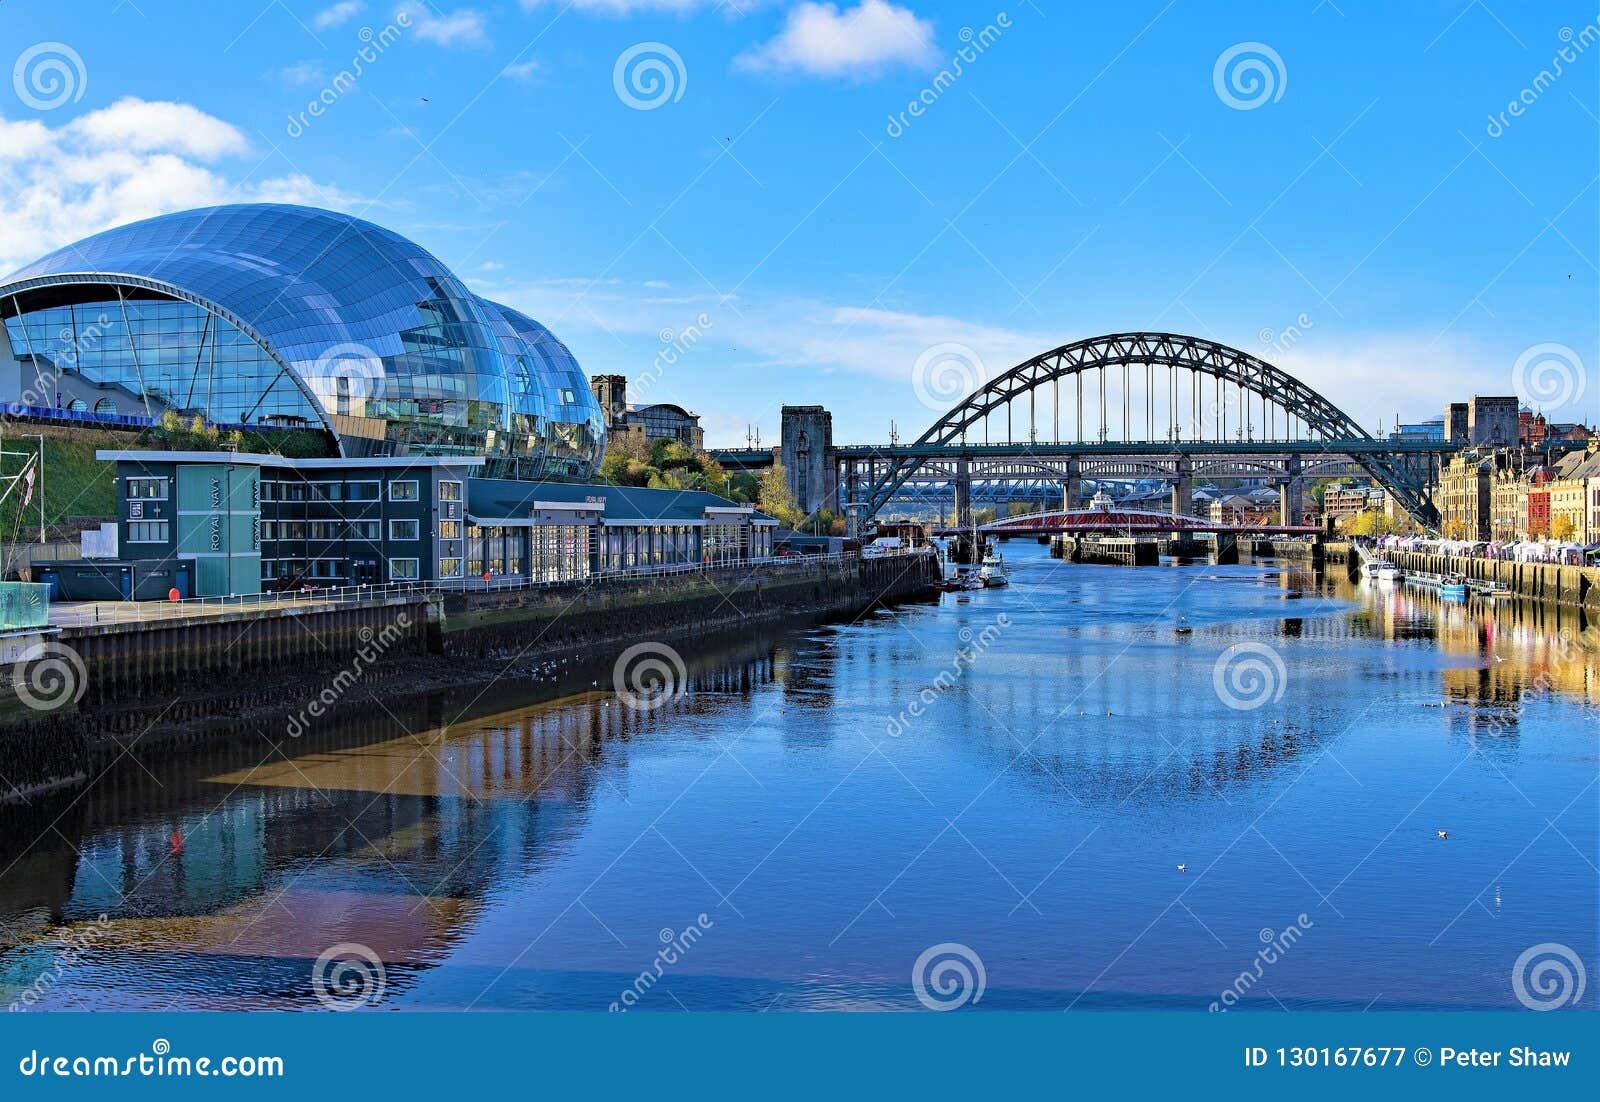 Reflexioner av visa mannen, i flodbrygden, Gateshead, på en härlig höstmorgon